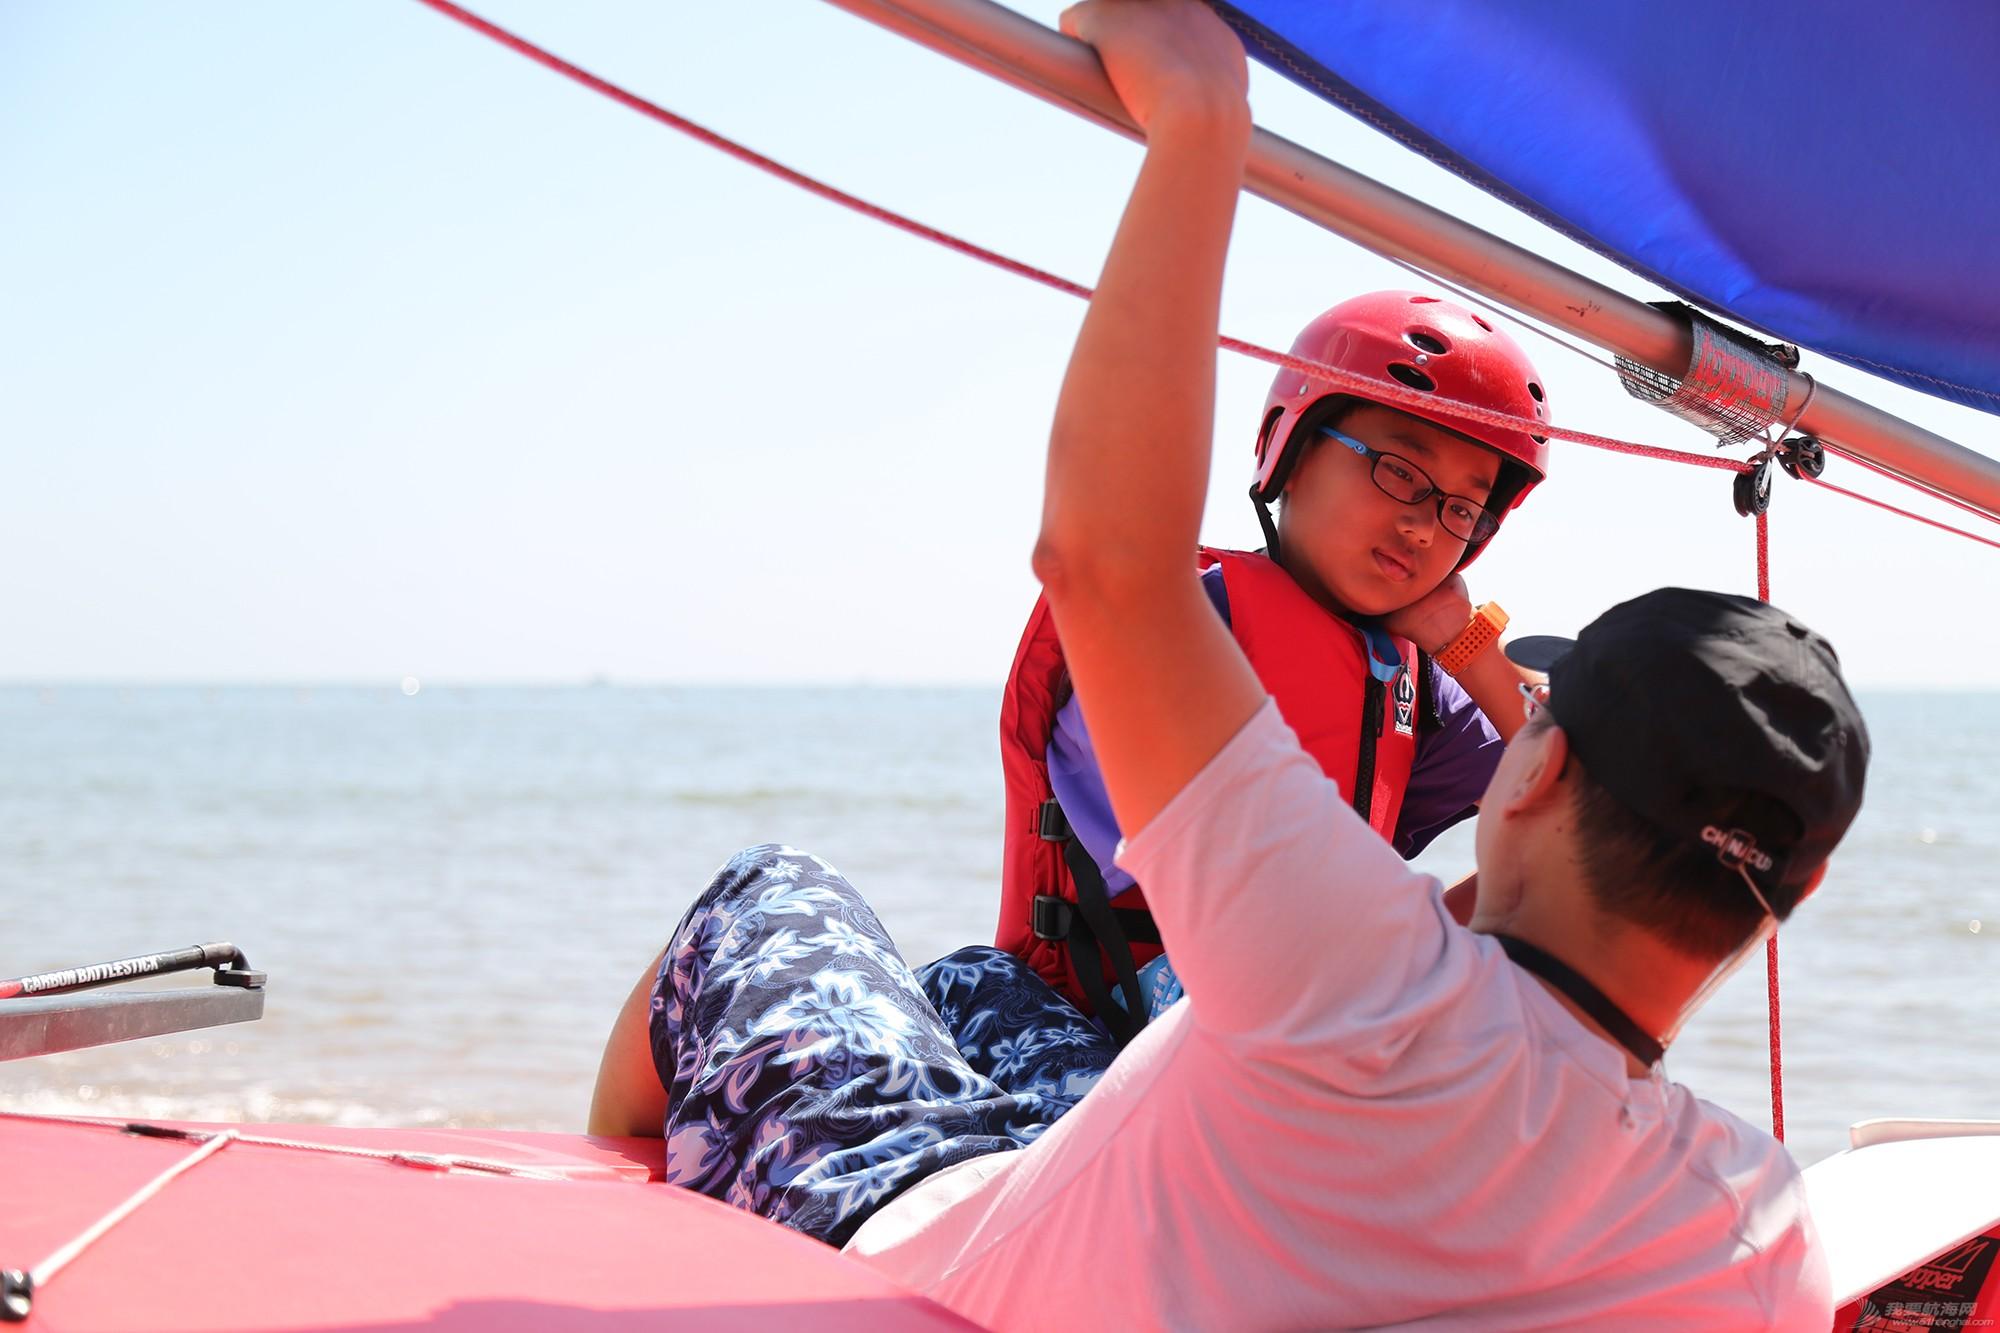 蔚蓝海岸,成长的故事,秦皇岛,爸爸妈妈,俱乐部 赛前花絮-关于帆船和成长的故事 5V8A7285.JPG